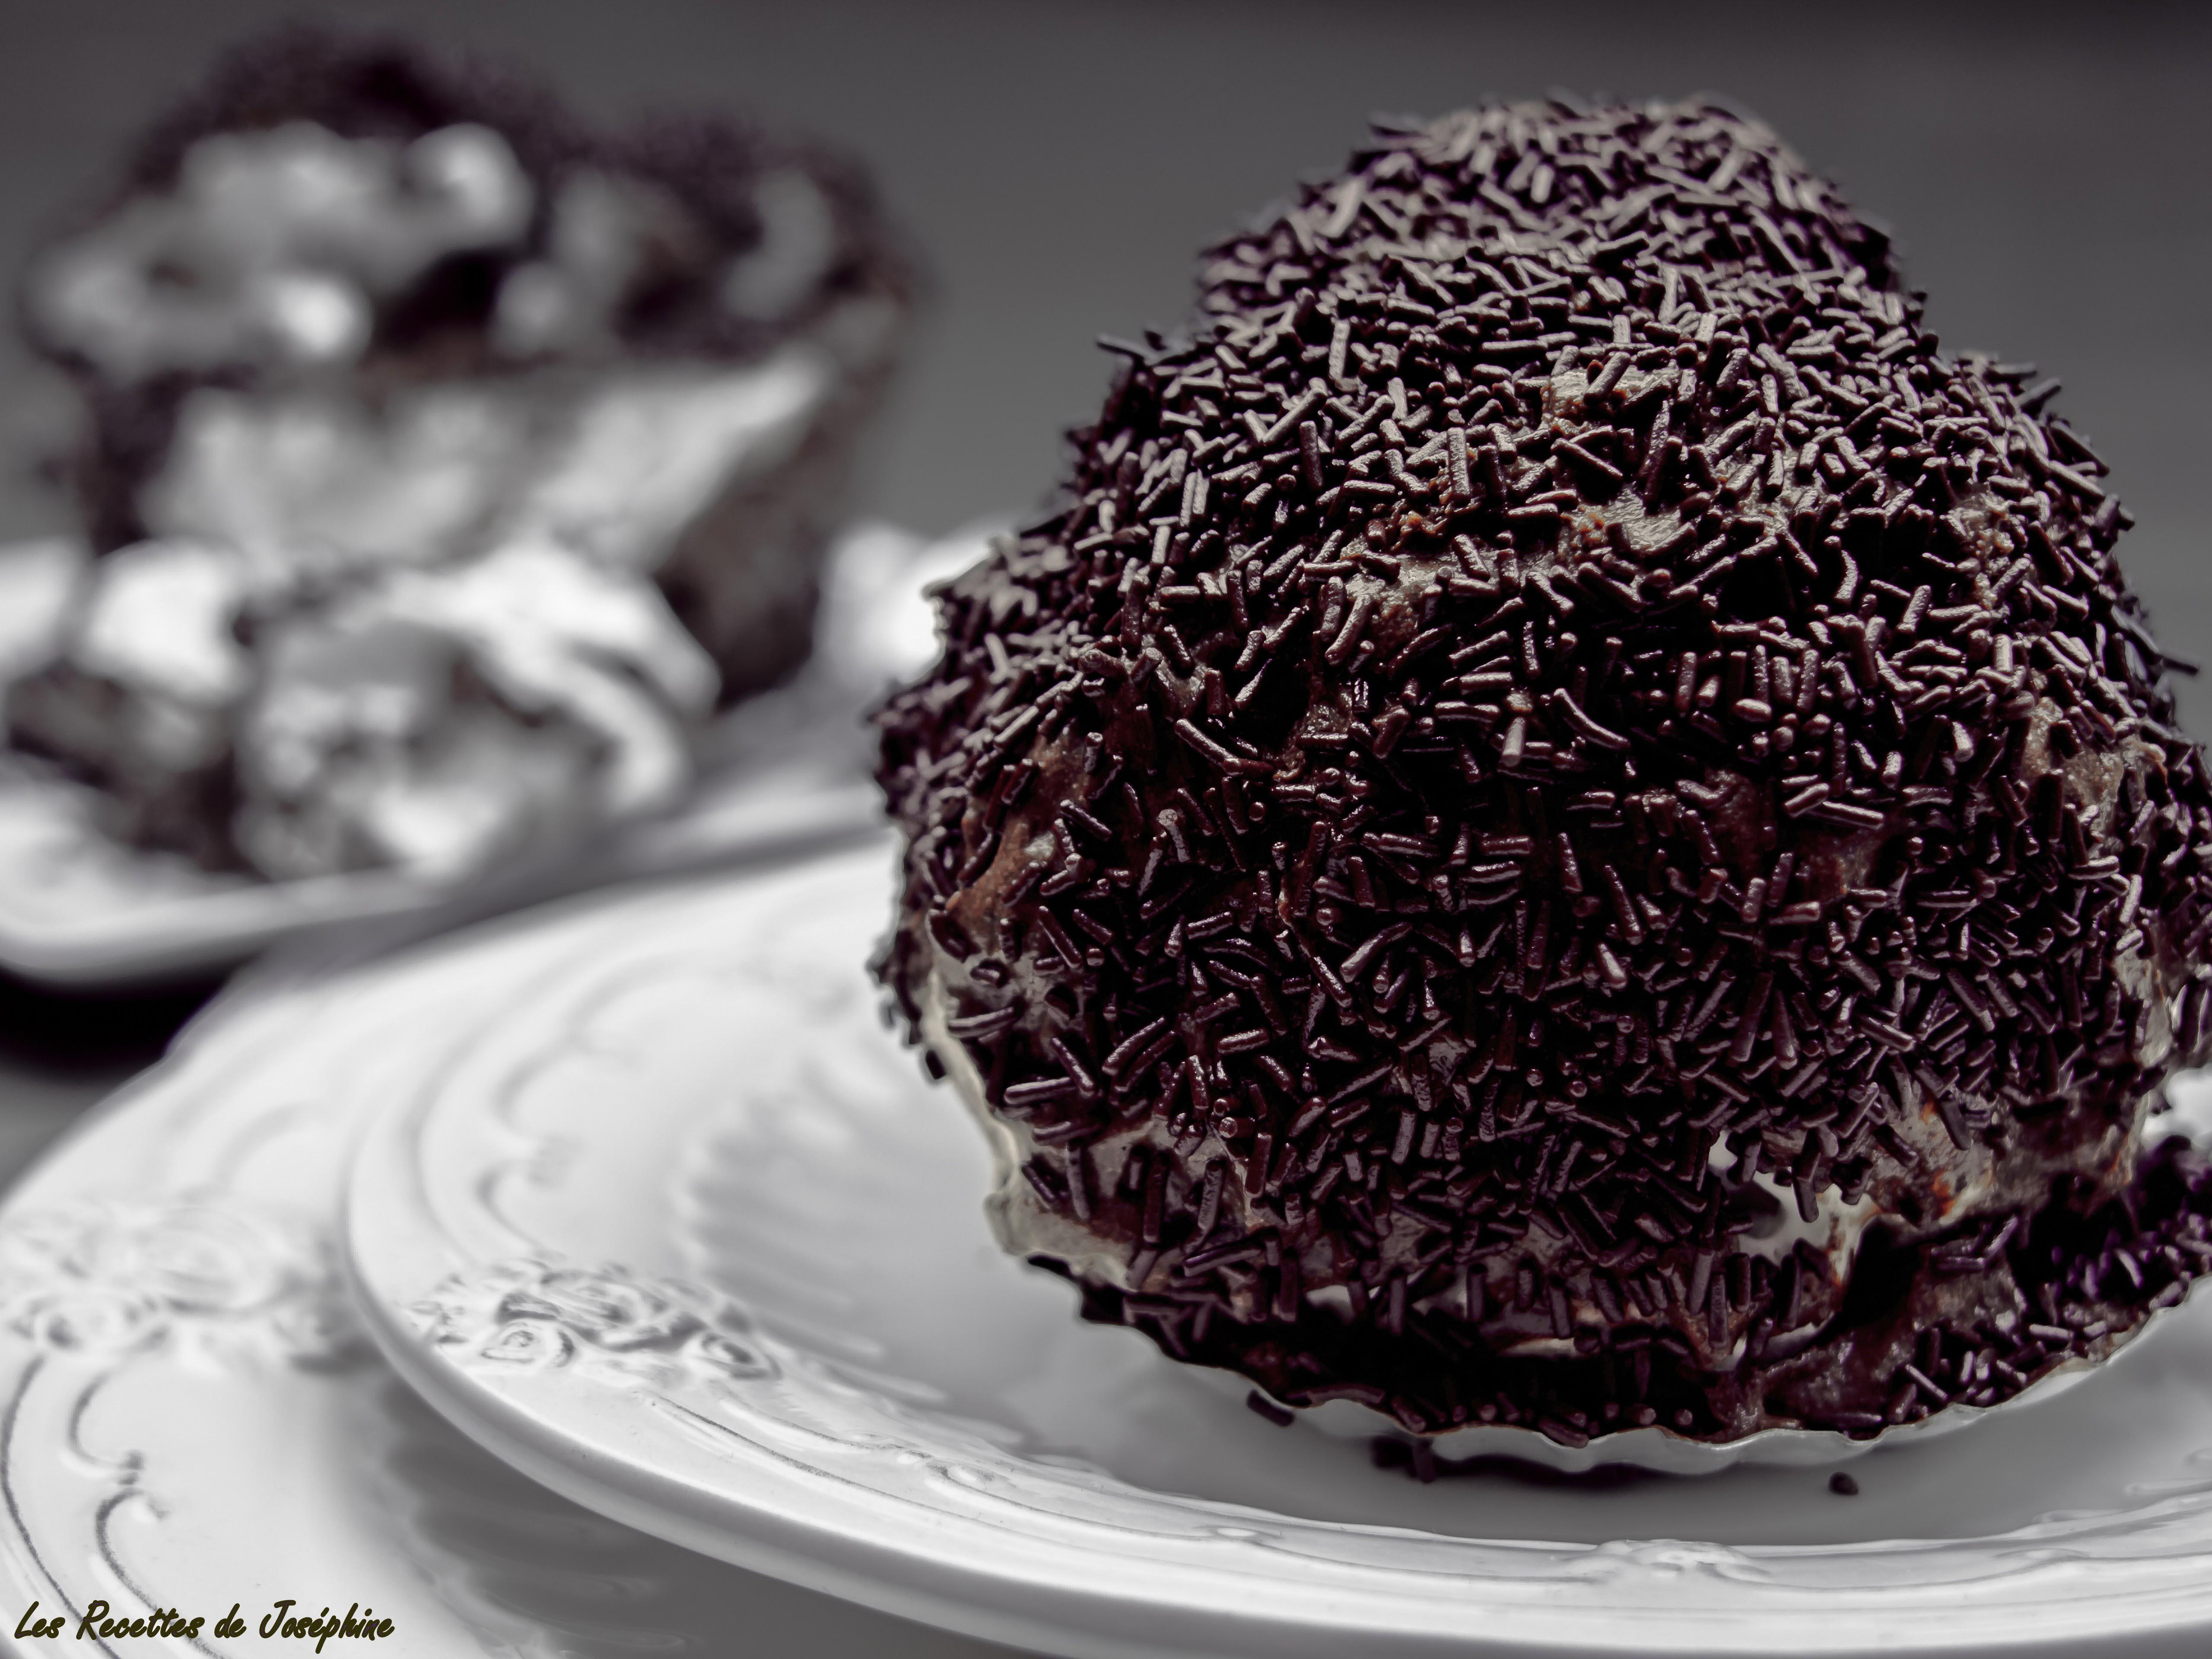 boules choco ou boules meringues chocolat les recettes de jos phine. Black Bedroom Furniture Sets. Home Design Ideas